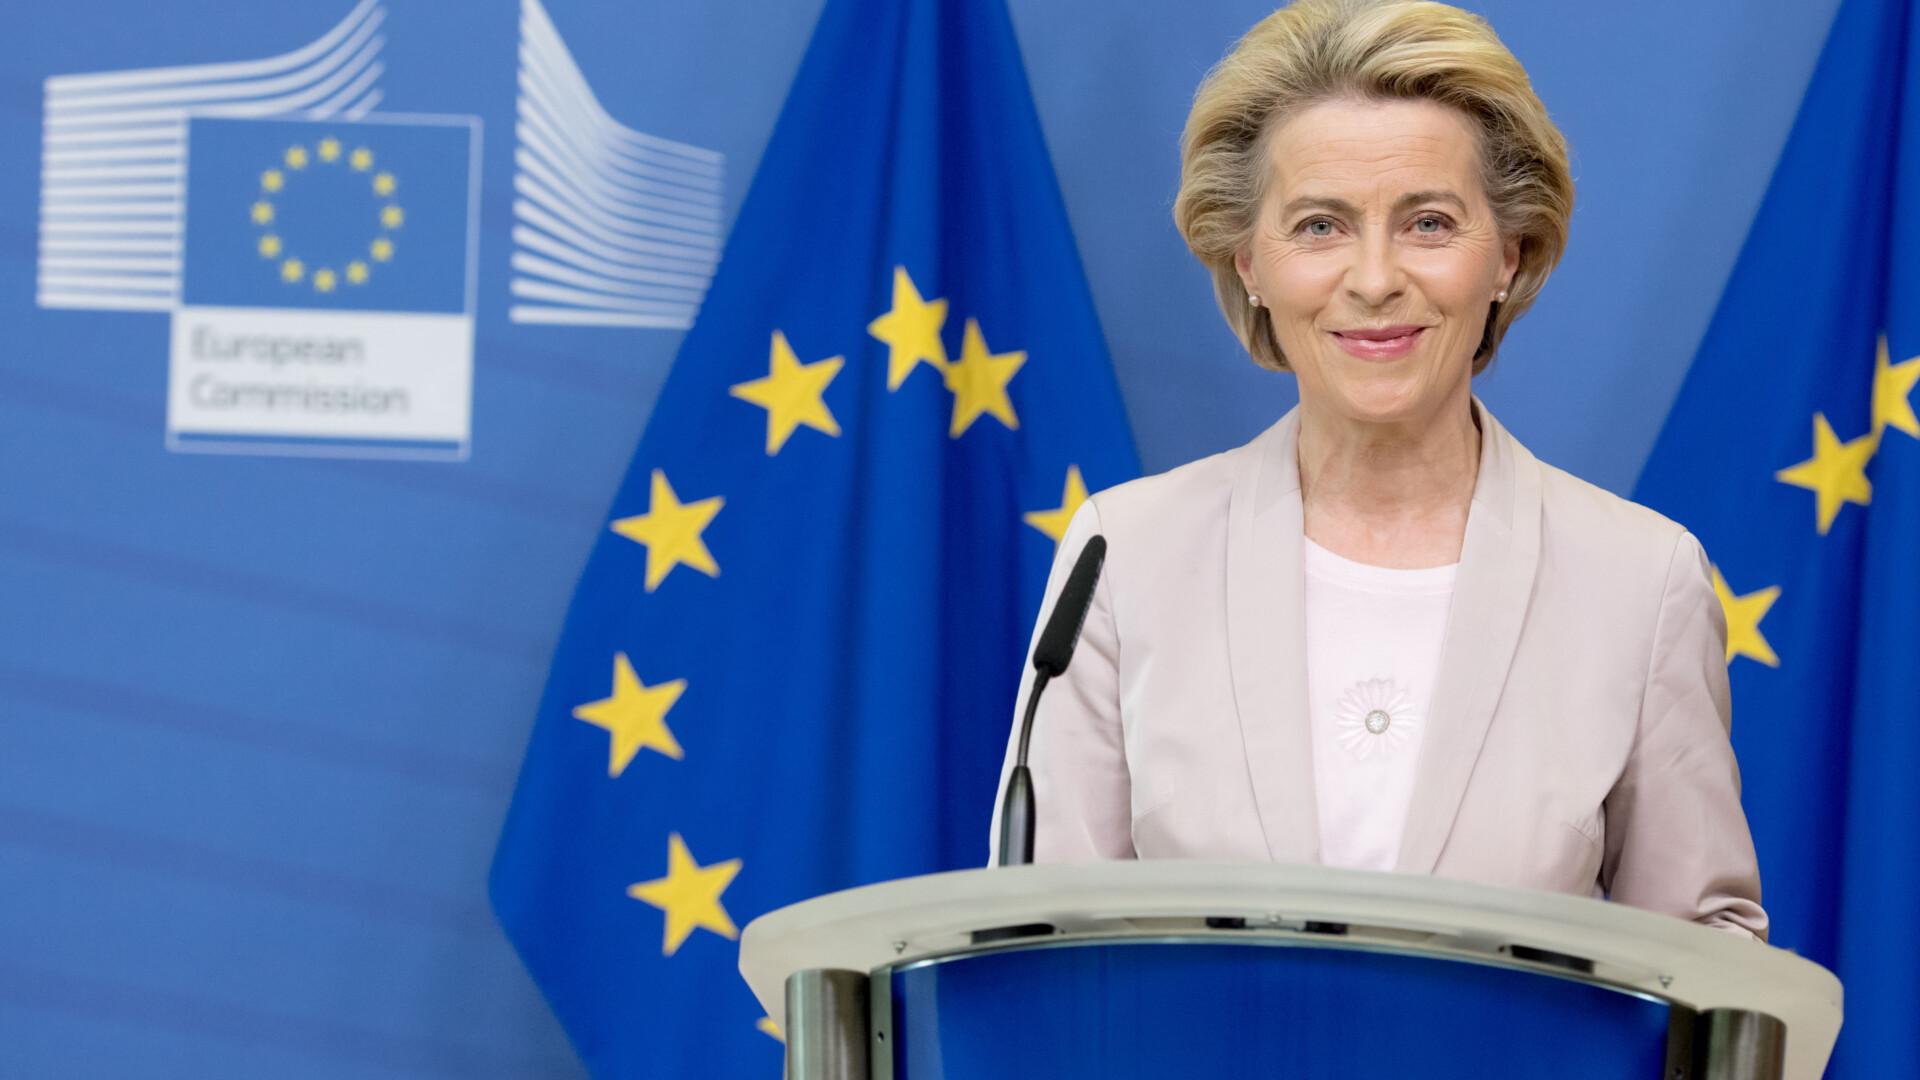 Przewodnicząca Komisji Europejskiej ogłasza Nowy Bauhaus